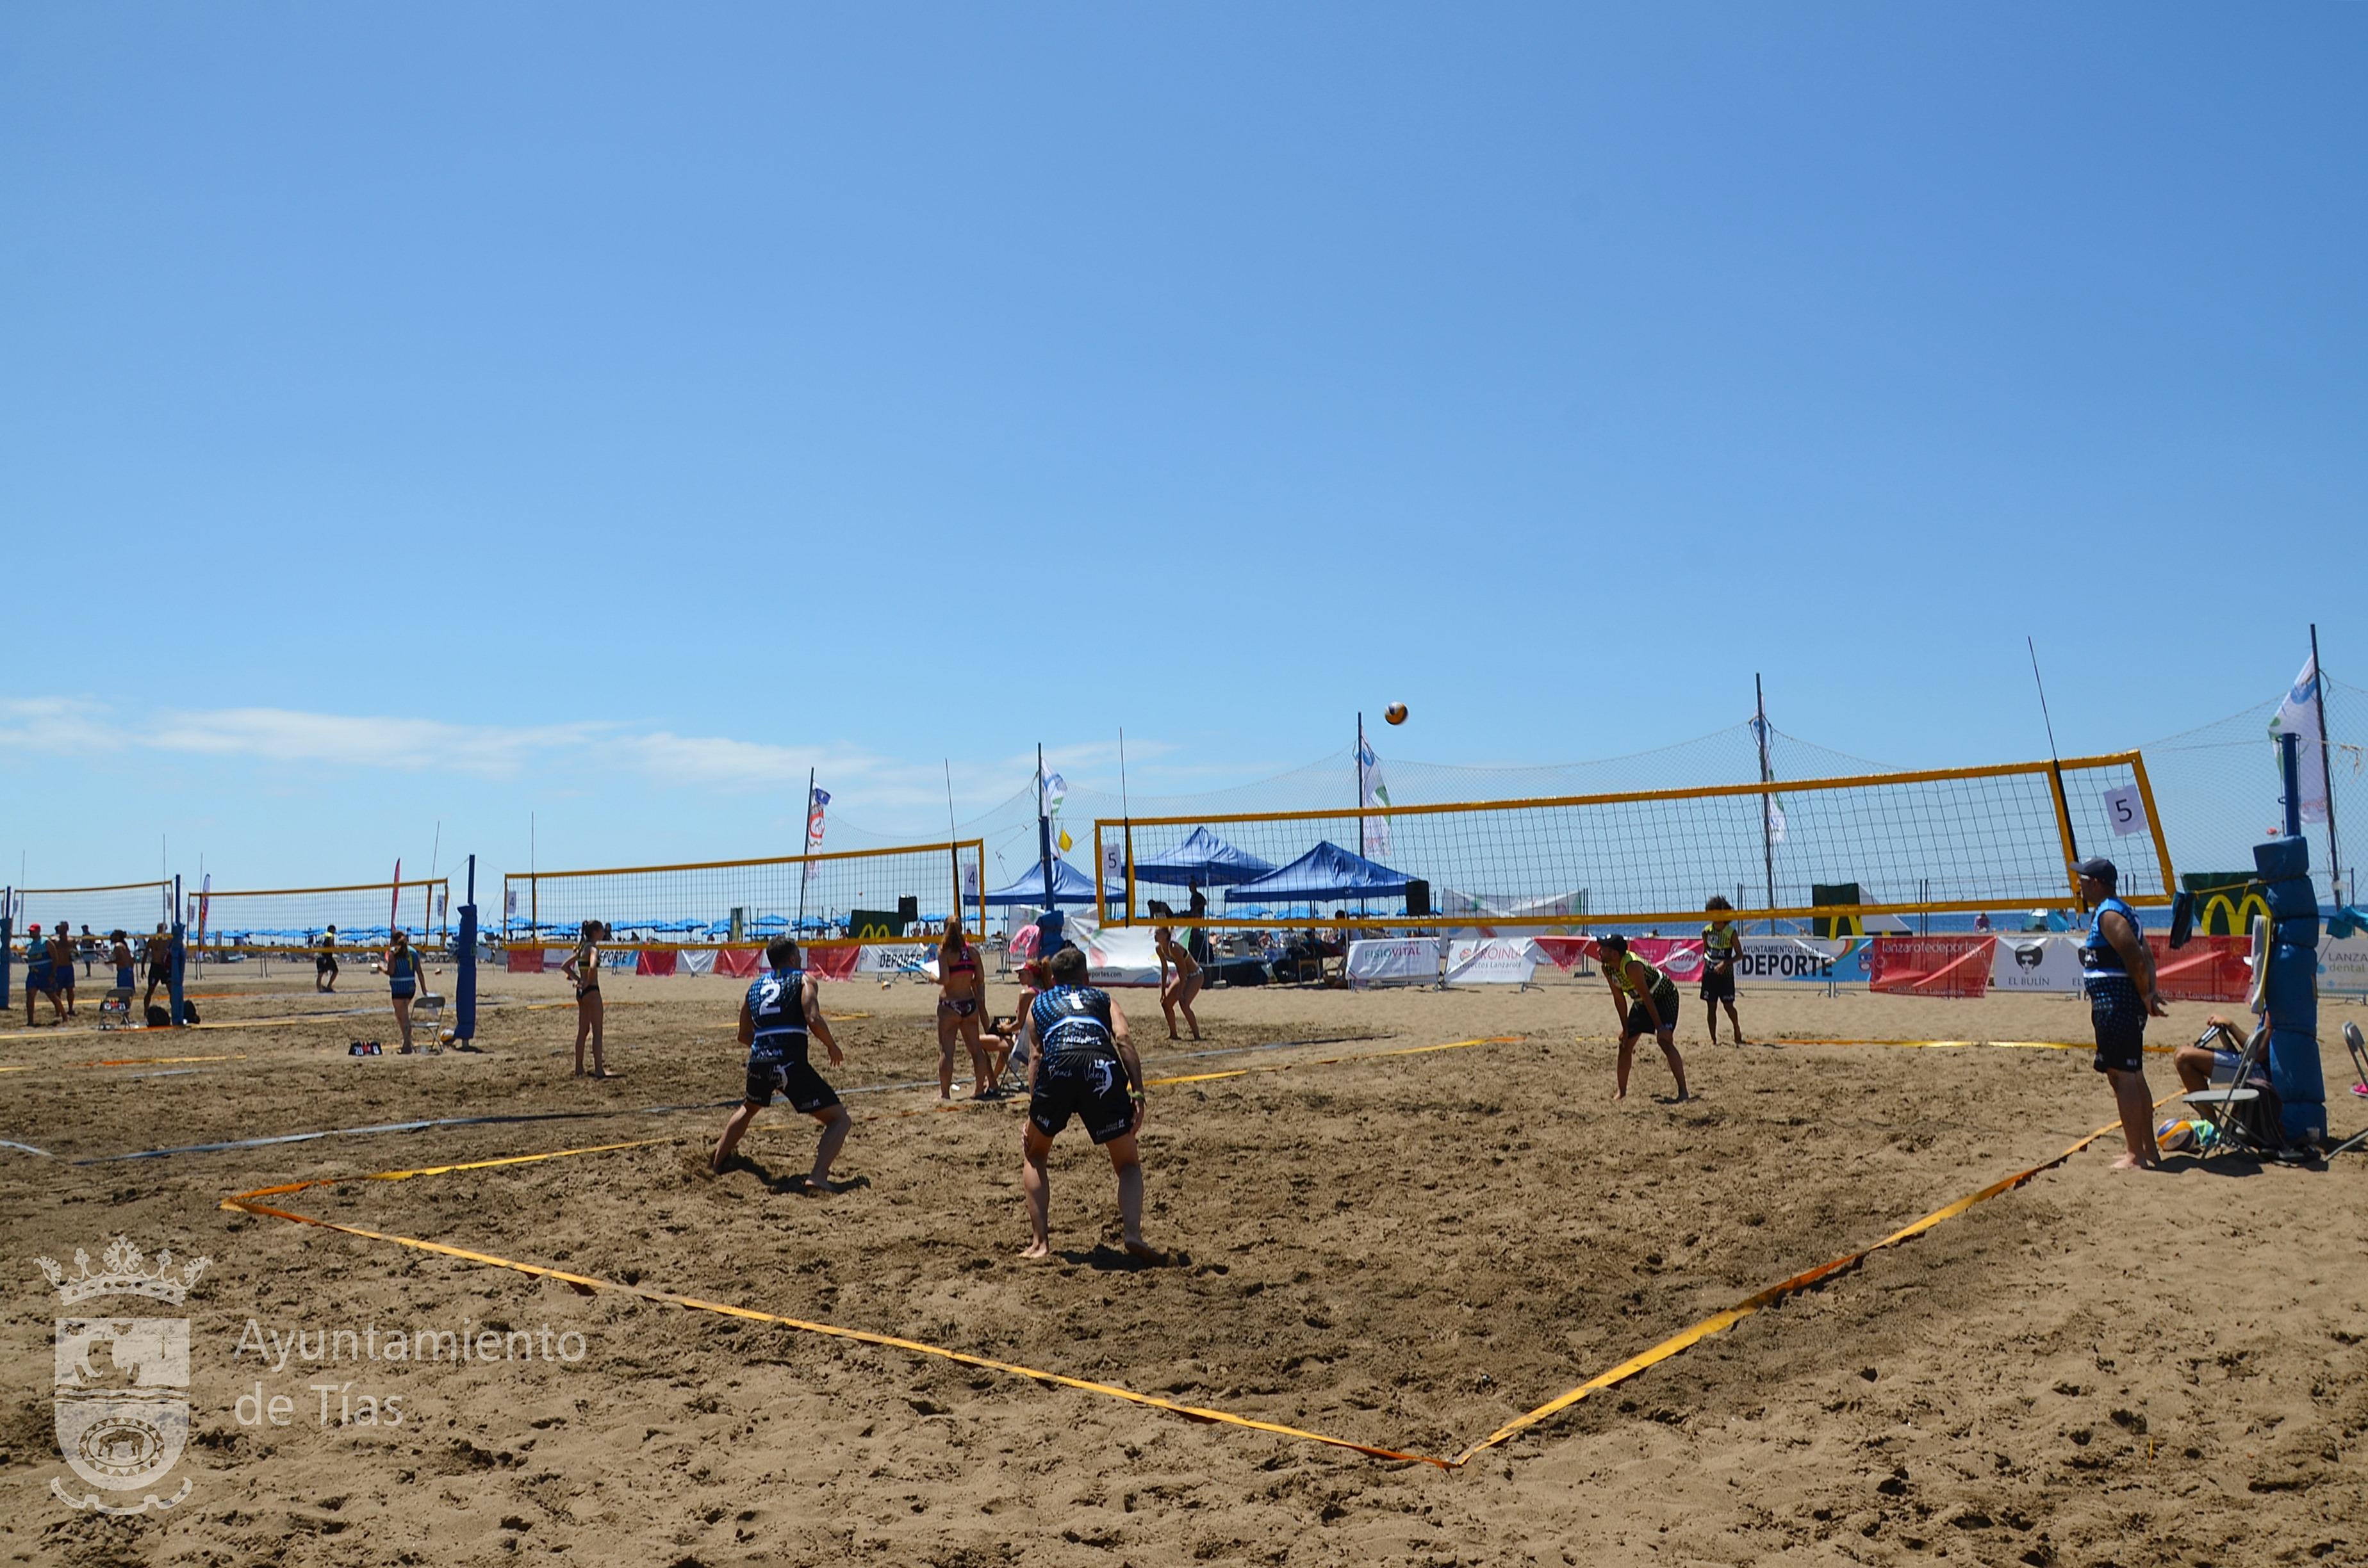 Lo mejor del Voley Playa de Canarias se concentró este fin de semana en Puerto del Carmen